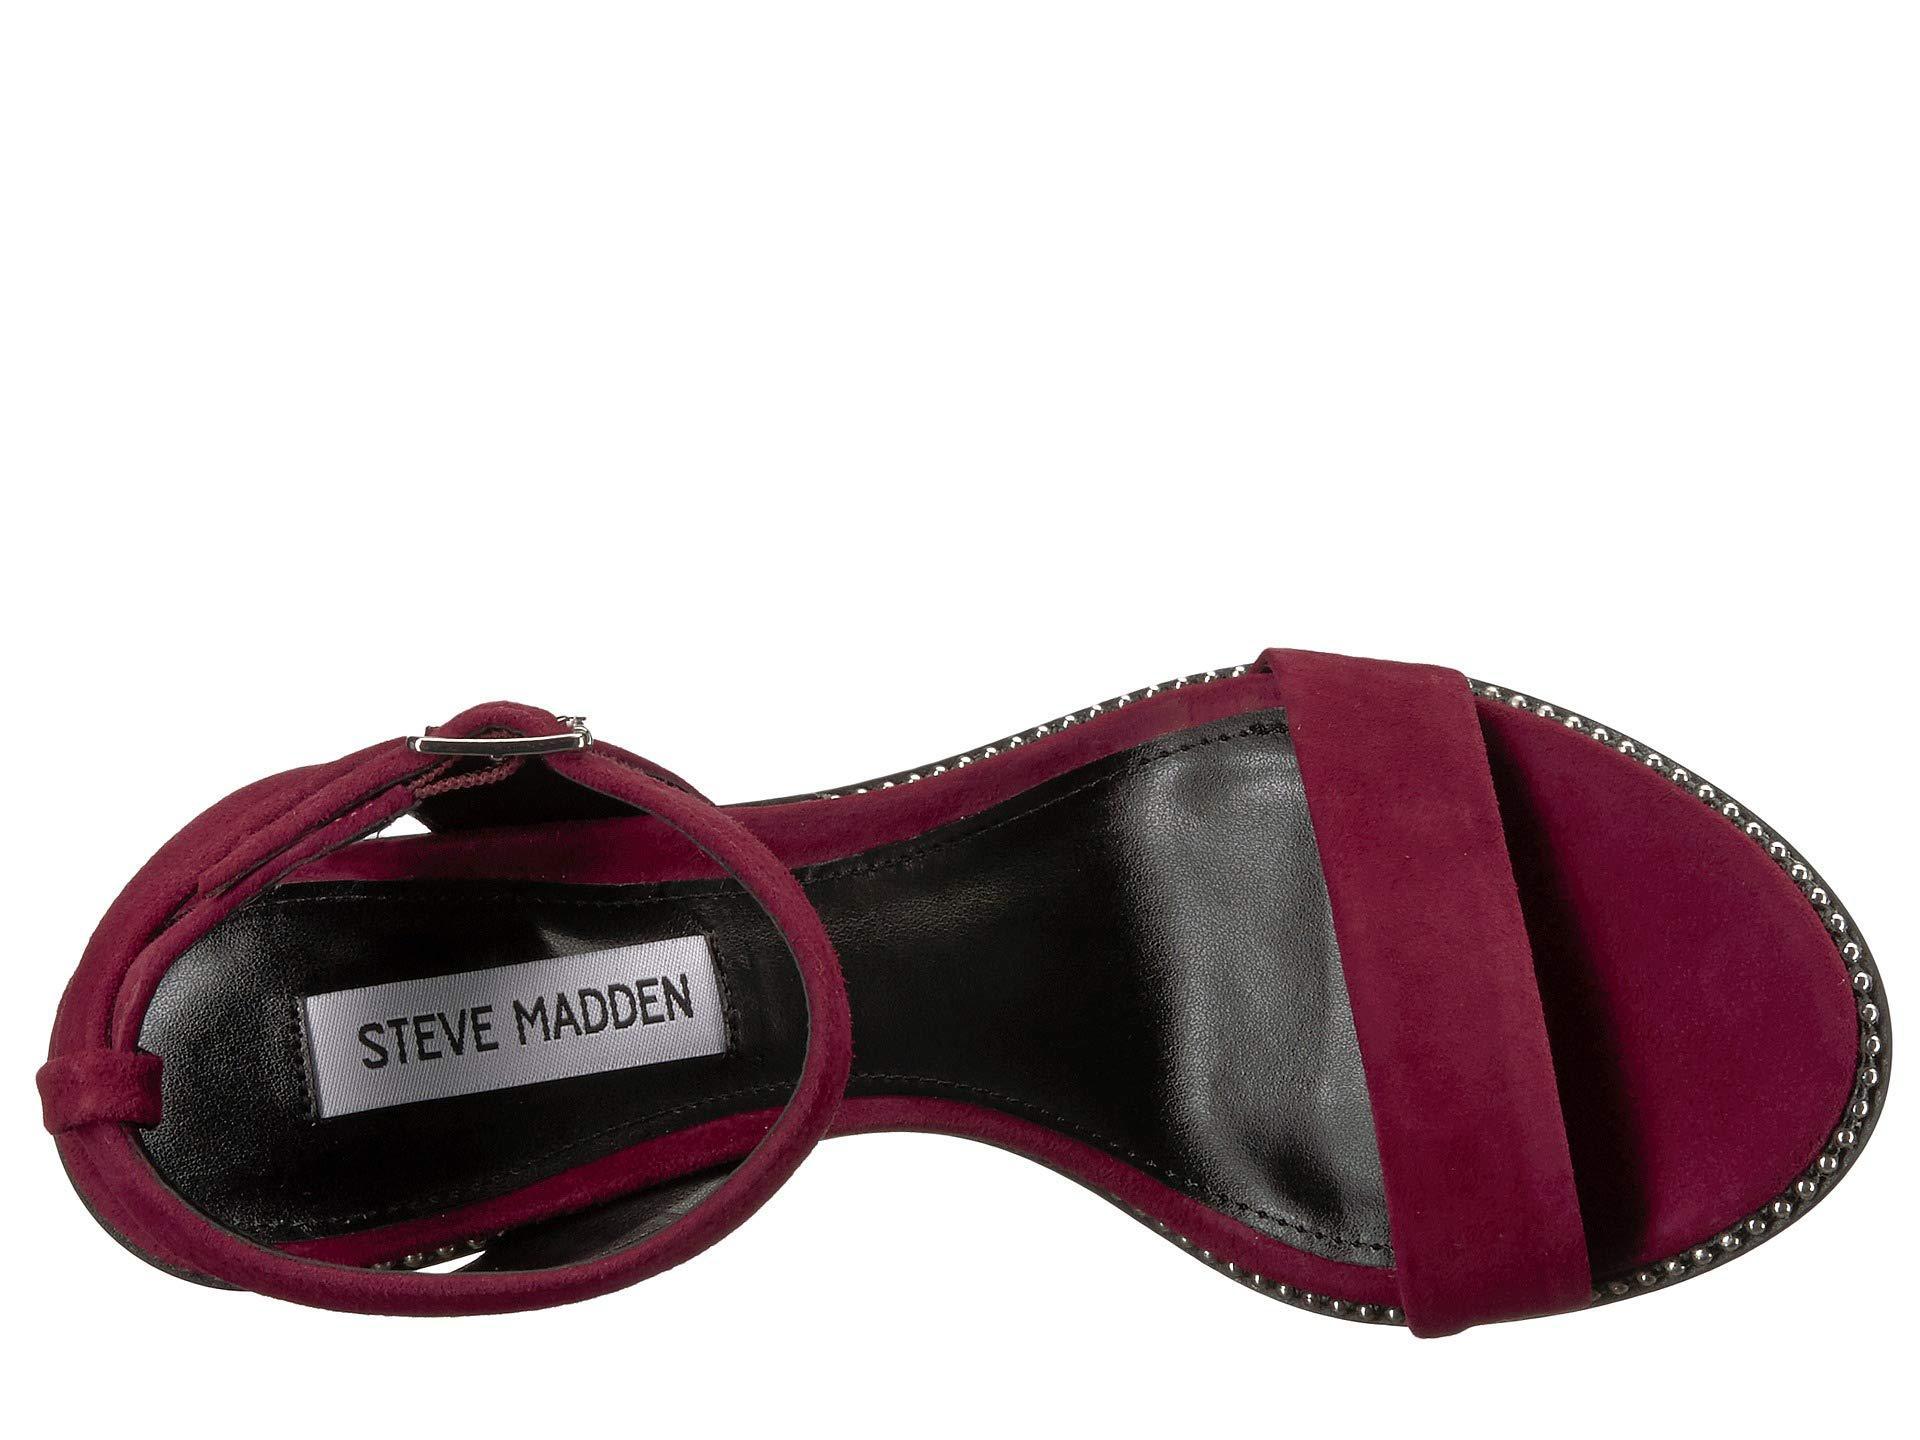 c8d1e4f890b5 Steve Madden - Multicolor Sylvie Heeled Sandal - Lyst. View fullscreen